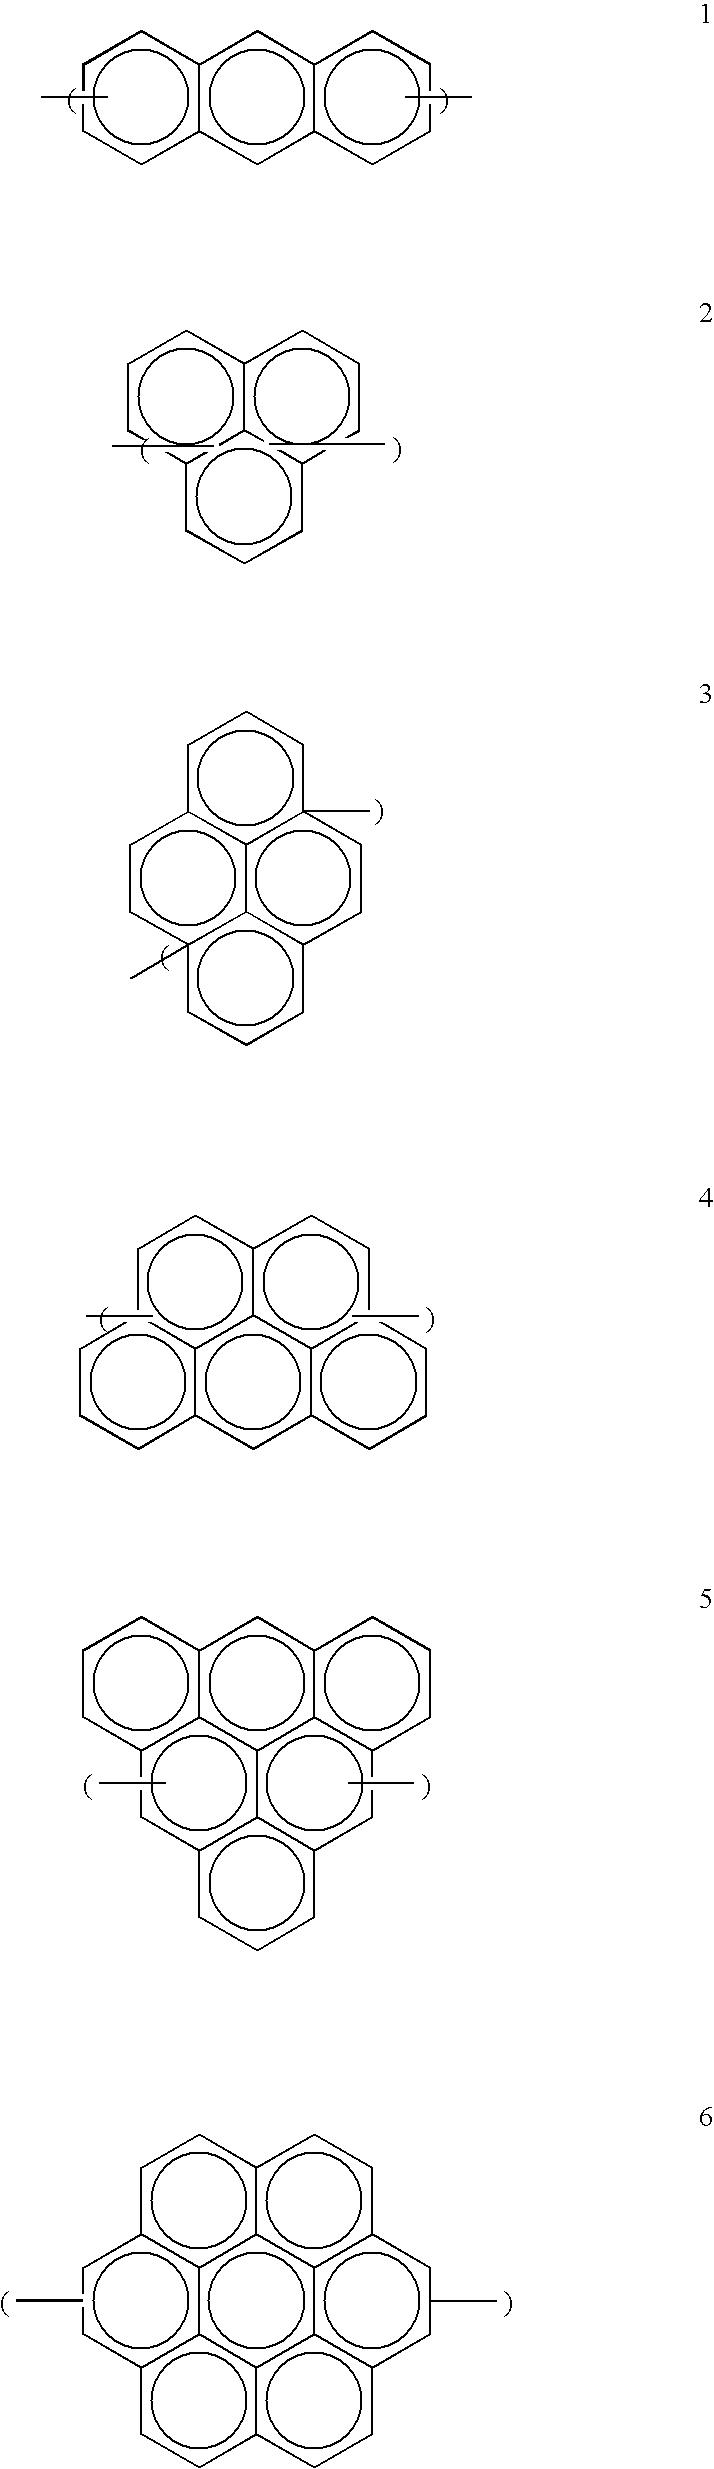 Figure US20080292995A1-20081127-C00007